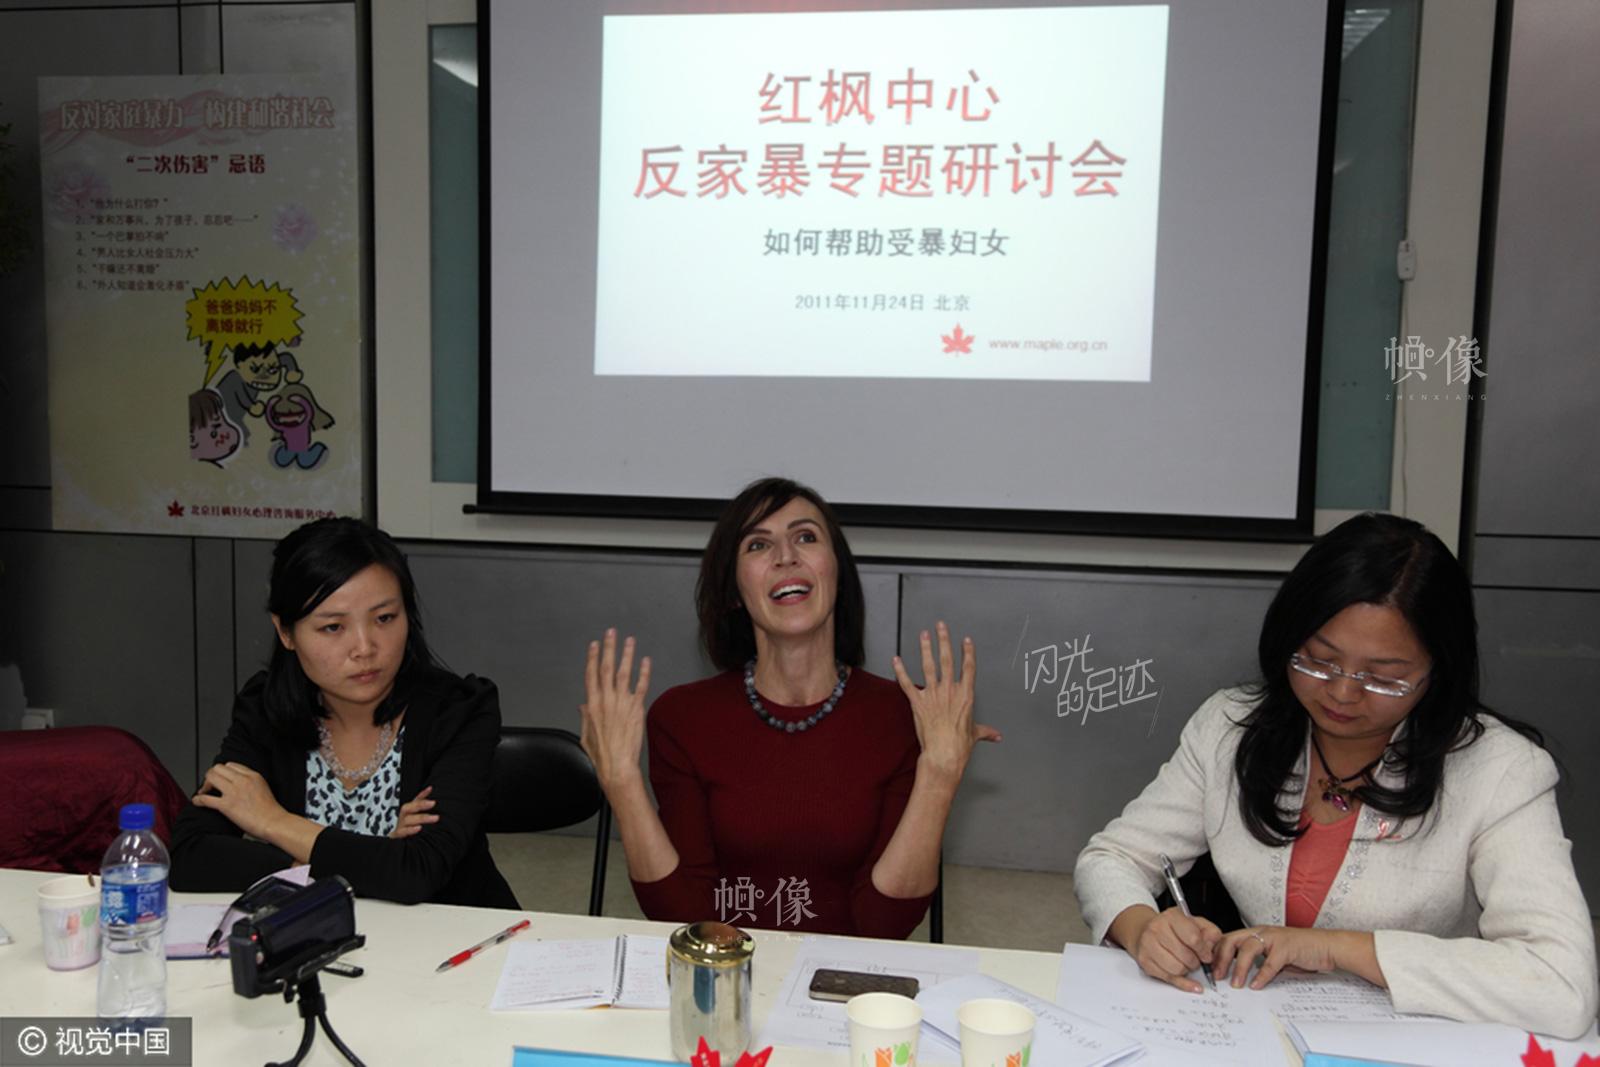 """2011年11月24日,""""疯狂英语""""创始人李阳的妻子Kim出席北京红枫中心关注妇女权利的反家暴研讨会。(视觉中国)"""